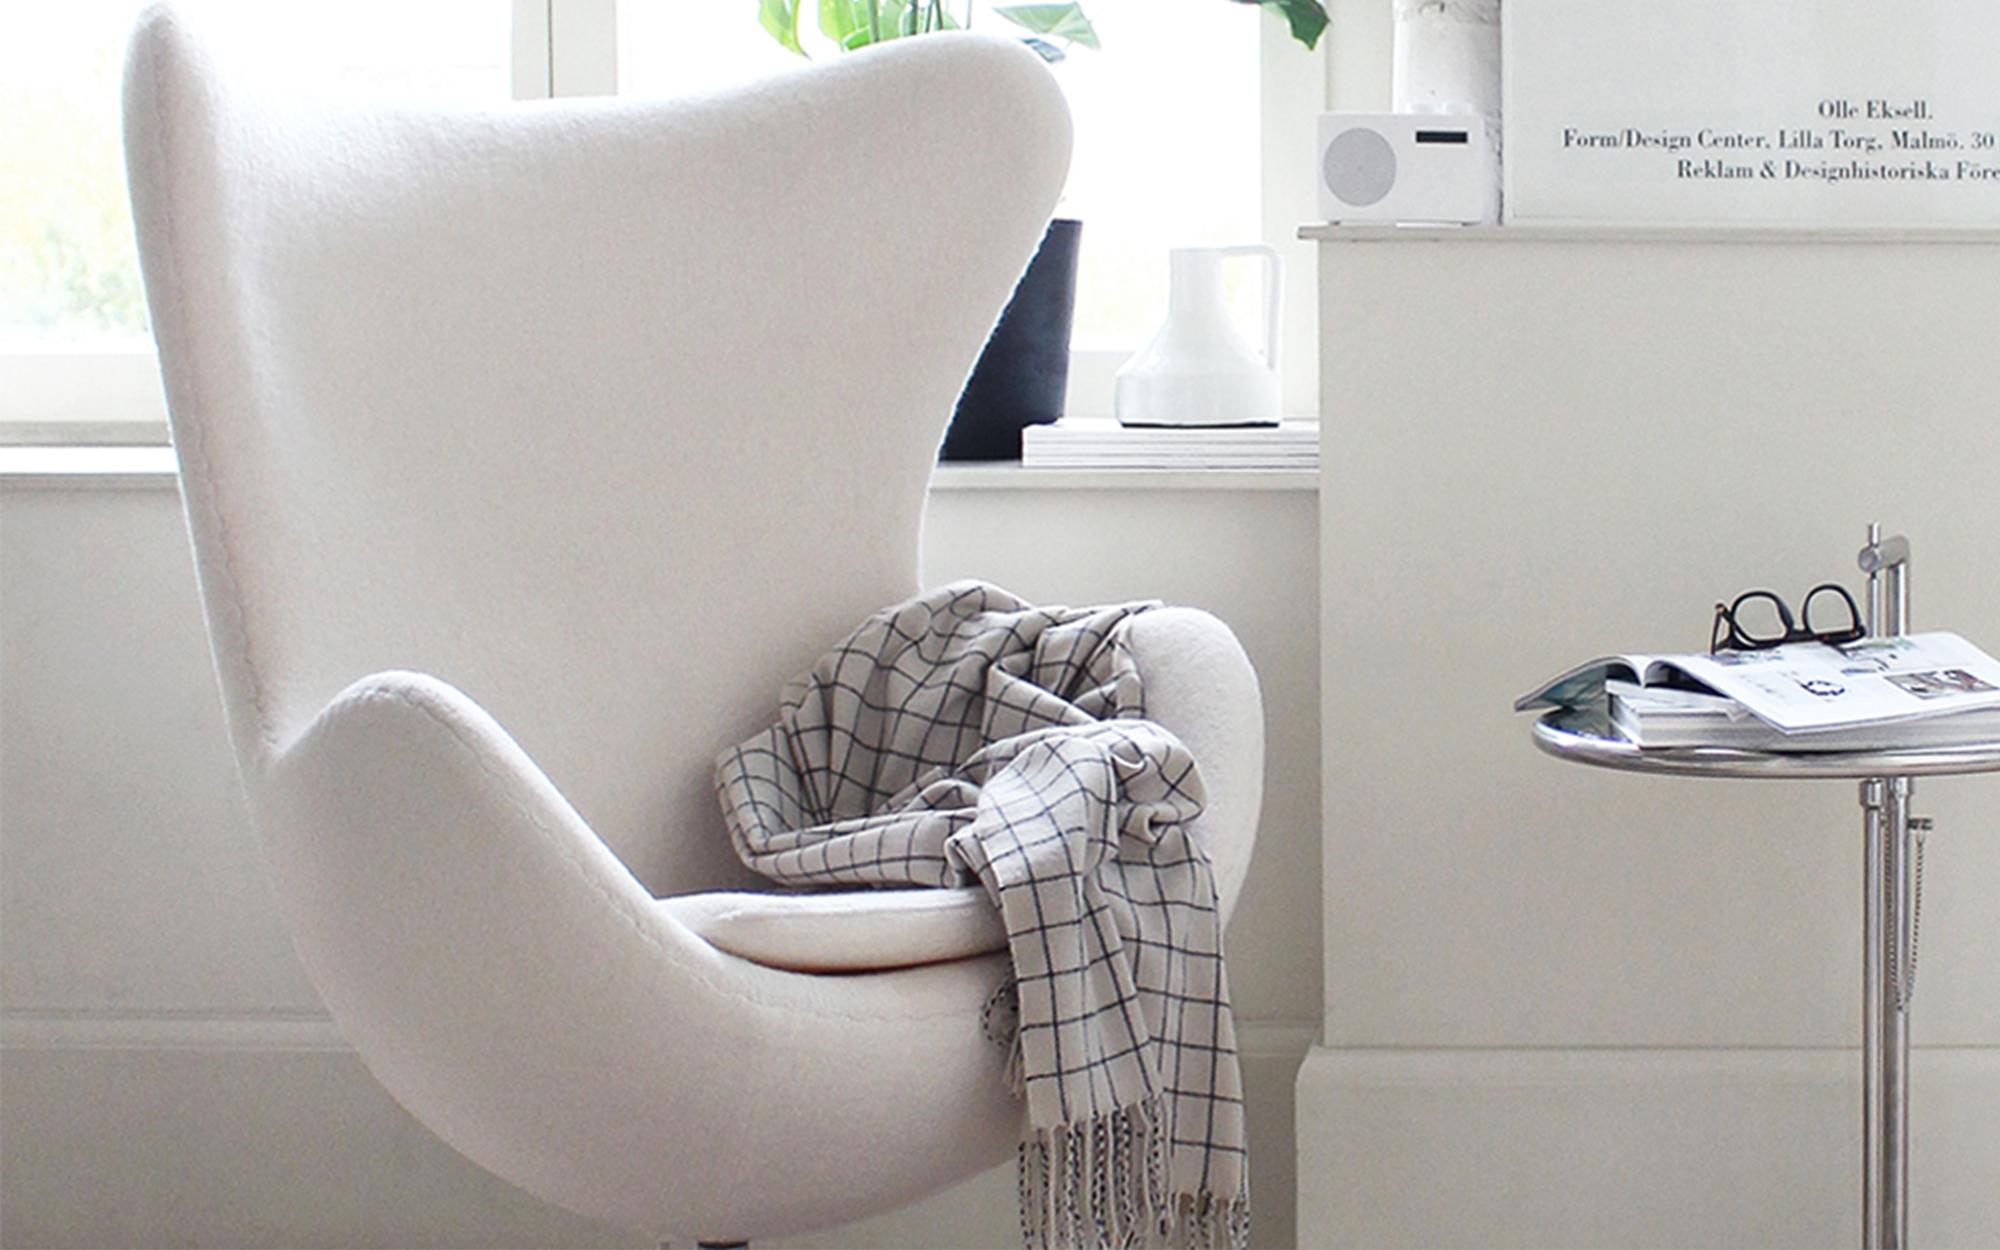 Arne Jacobsen Egg Chair in White Wool